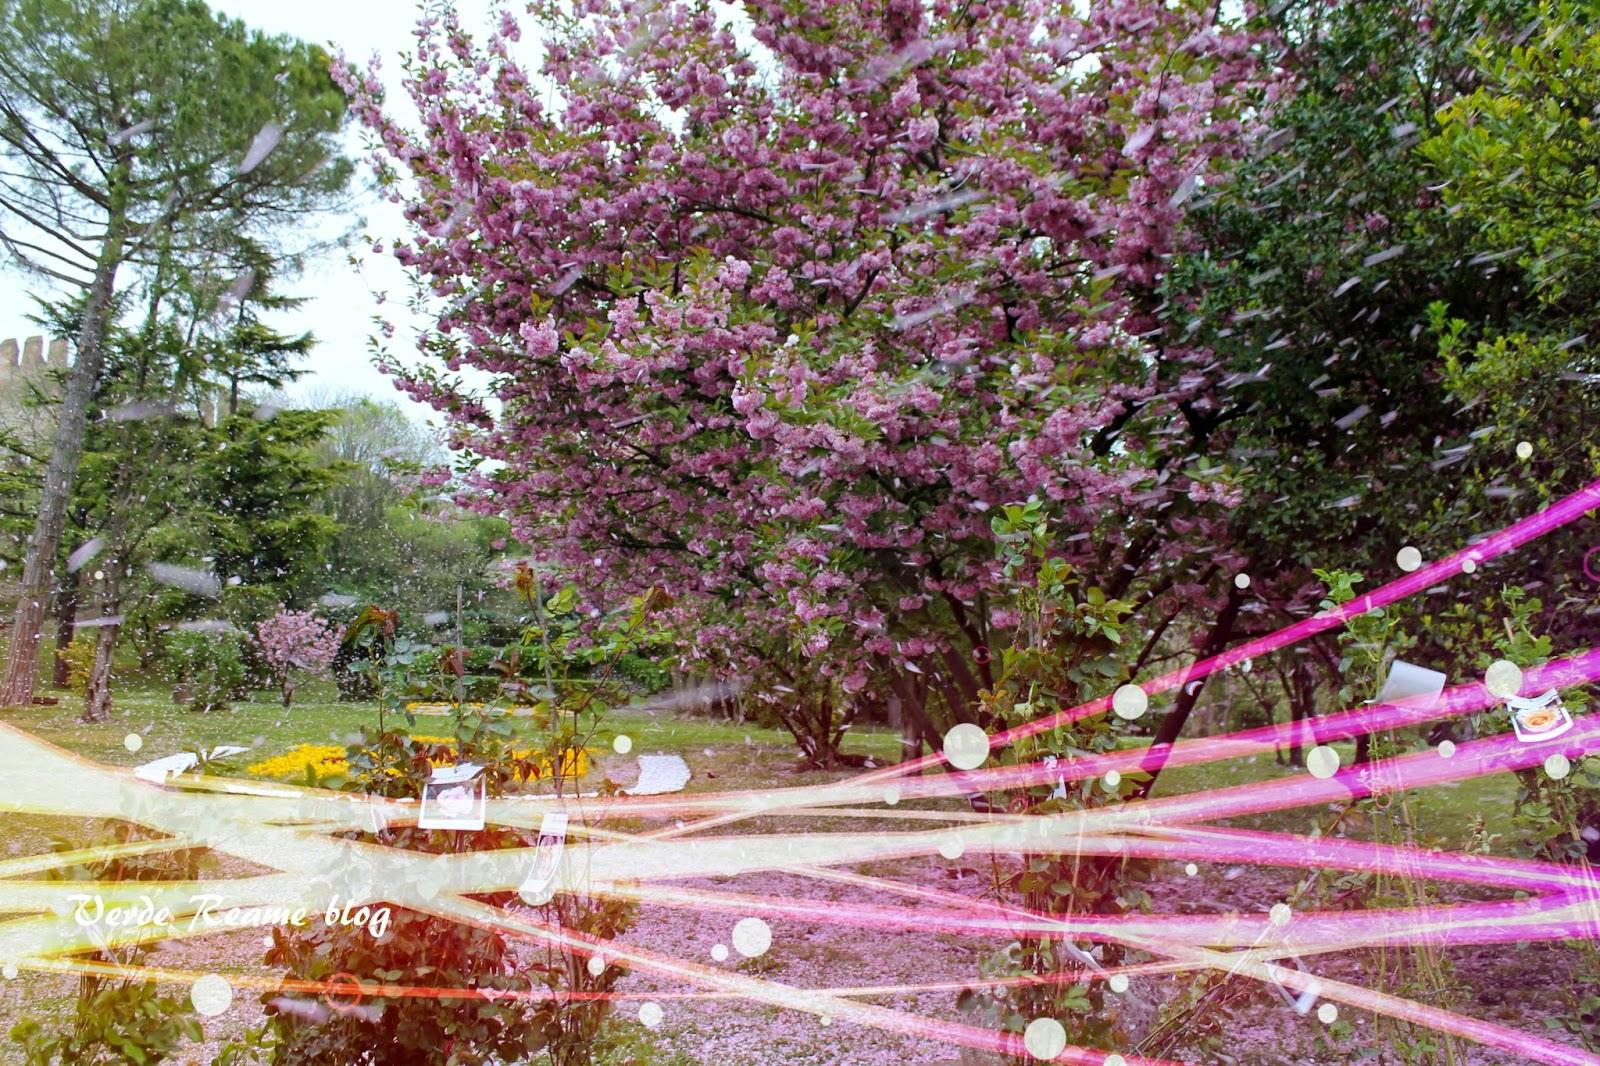 Verde reame este in fiore 2015 l 39 acqua nei giardini for Laghetti nei giardini